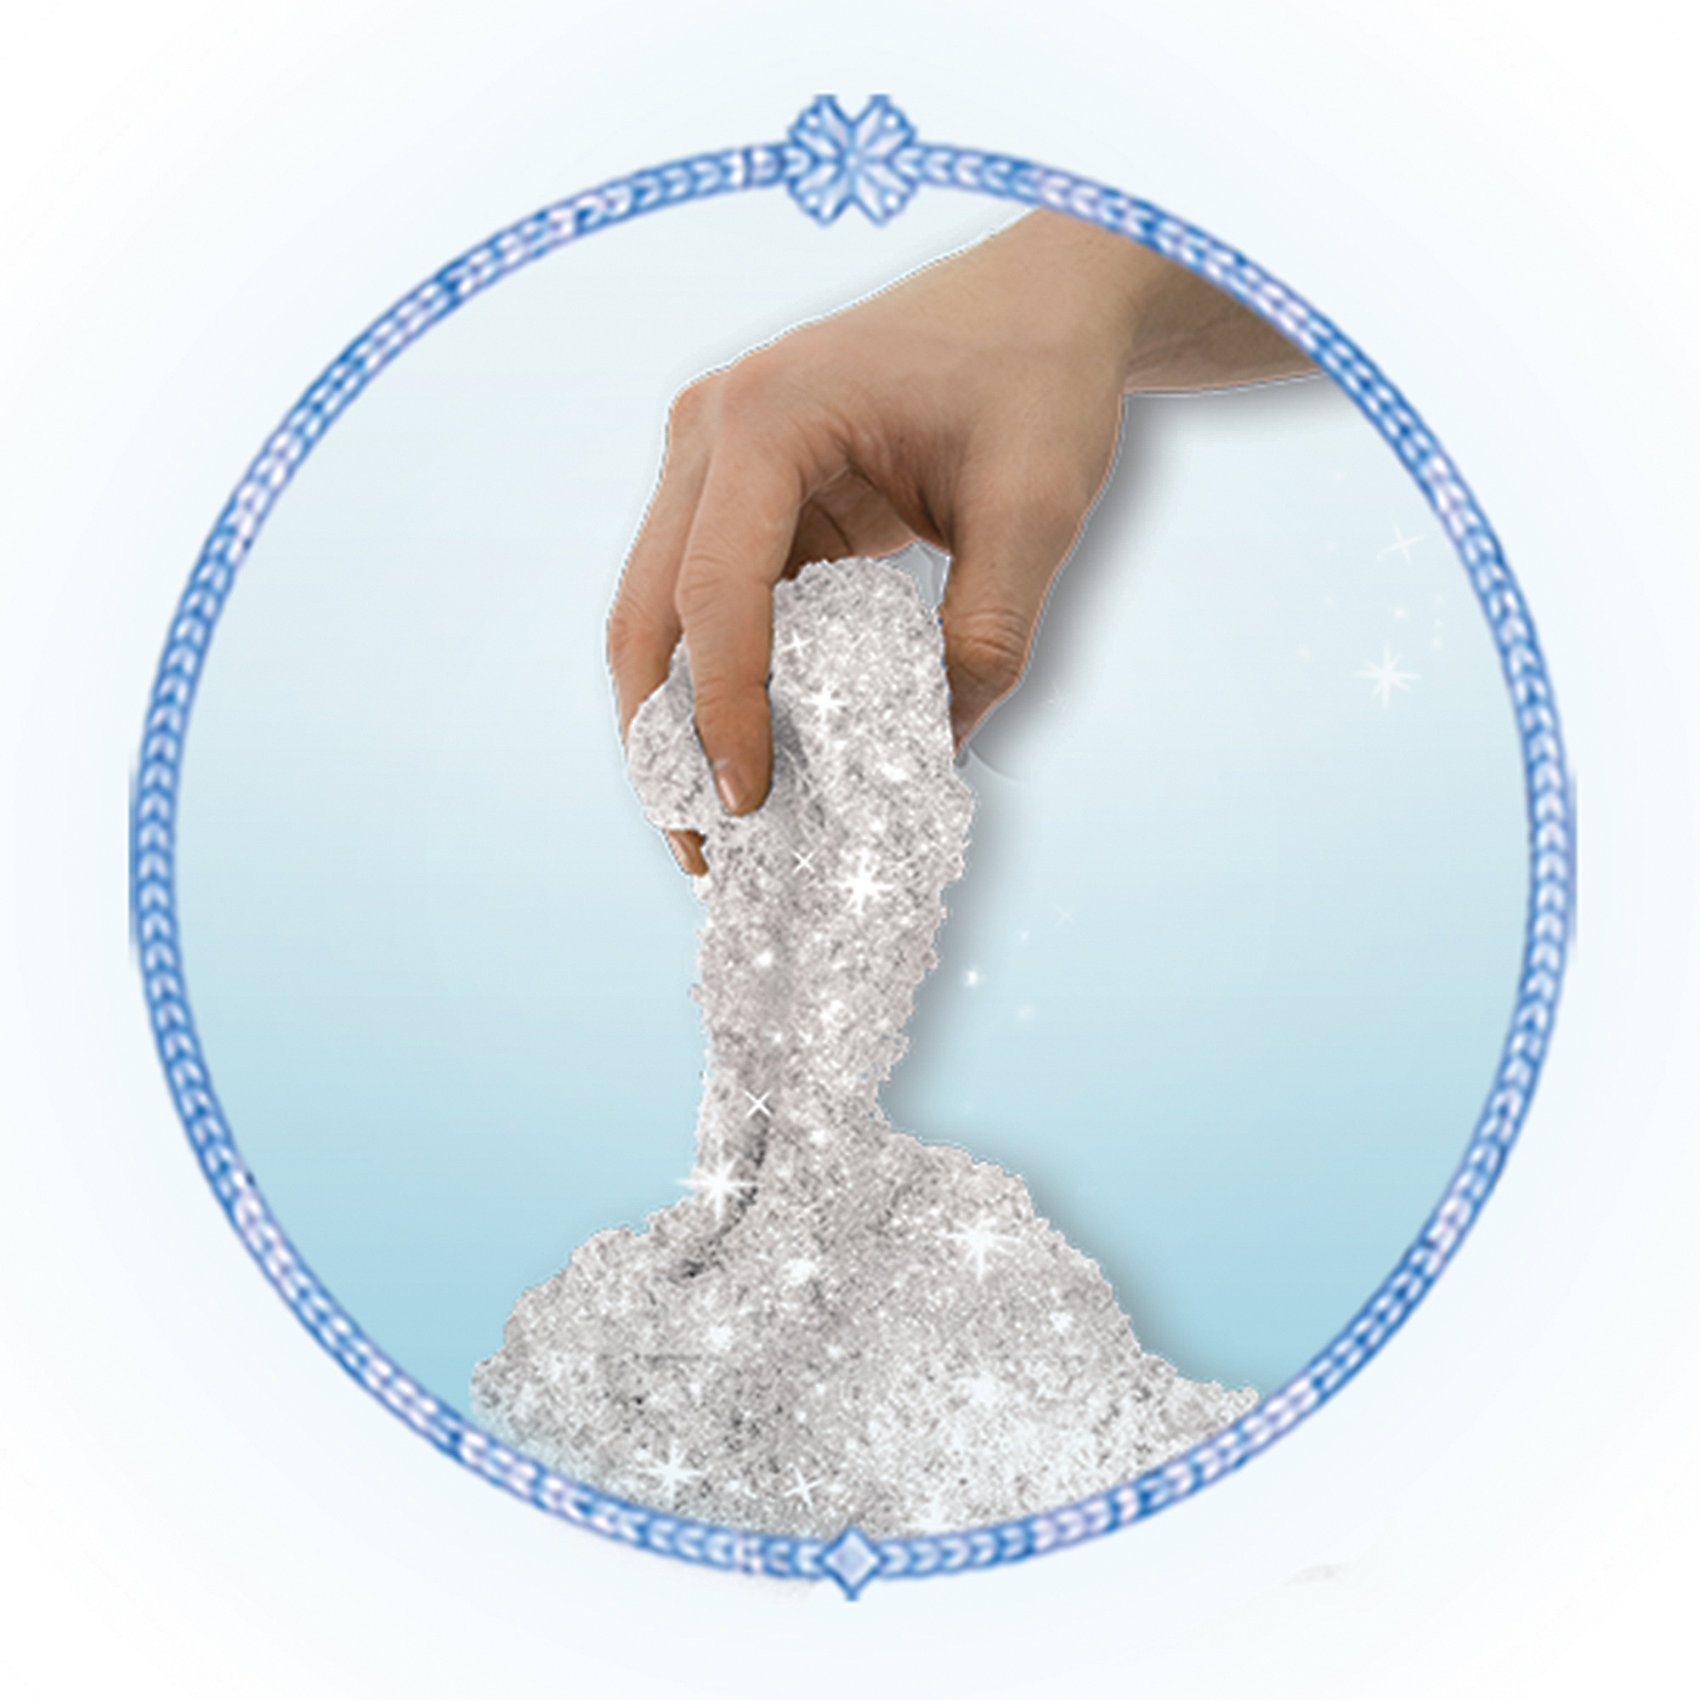 Песок для лепки Холодное Сердце,  454 гр., с 2 формочками, Kinetic SandКинетический песок - это уникальный материал, специально созданный для детского творчества. Теперь не нужно выходить из дома, чтобы построить замки и куличики! В составе Kinetic Sand - чистейший кварцевый песок (98%) и связующий элемент, нетоксичный и совершенно безопасный для здоровья ребенка. Песок не пачкает руки, не высыхает, игра с ним очень увлекательна и способна развить творческие навыки малыша и мелкую моторику. В комплект включены кинетический песок (434 грамма) и 2 формочки, с помощью которых можно слепить одного из самых забавный персонажей анимационного фильма Холодное сердце (Frozen) - очаровательного Олафа, а также маленького улыбчивого снеговичка. Песок предназначен для детей от 3 лет.<br><br>Ширина мм: 180<br>Глубина мм: 215<br>Высота мм: 45<br>Вес г: 580<br>Возраст от месяцев: 36<br>Возраст до месяцев: 120<br>Пол: Женский<br>Возраст: Детский<br>SKU: 5001041